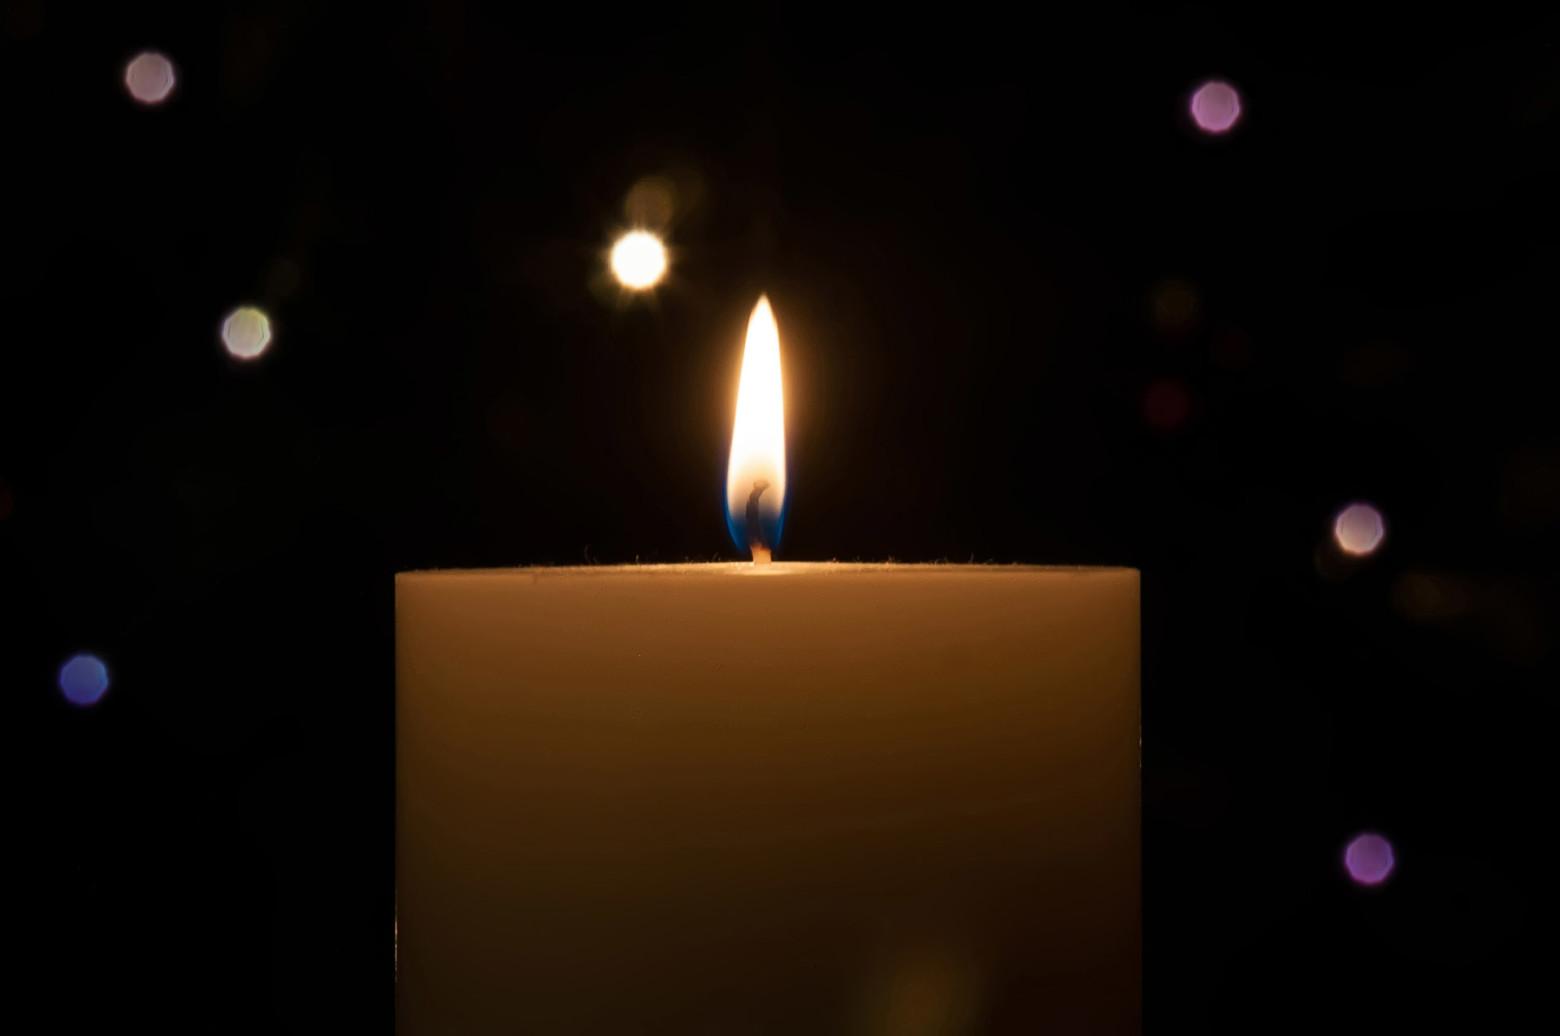 bougie allum 233 e cierge candle feu flamme lueur photos gratuites images gratuites et libres de